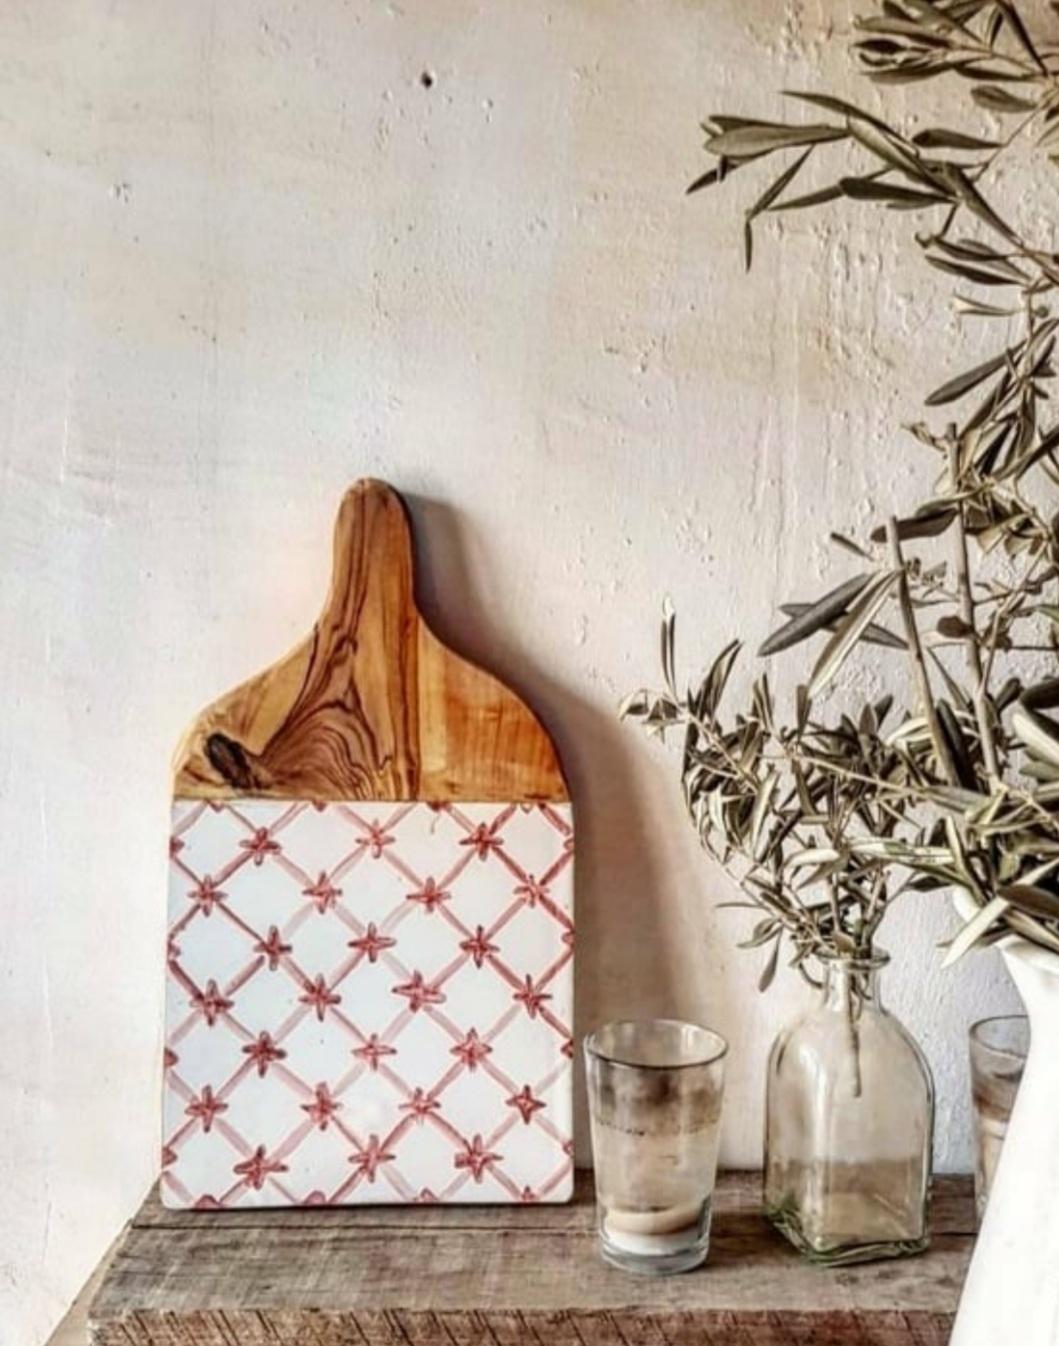 ¿Qué comprar en Con Alma? La esencia artesana de su empresa: la Tabla Mallorca, llena de bellas imperfecciones que la convierten en un objeto único. Foto: Con Alma.